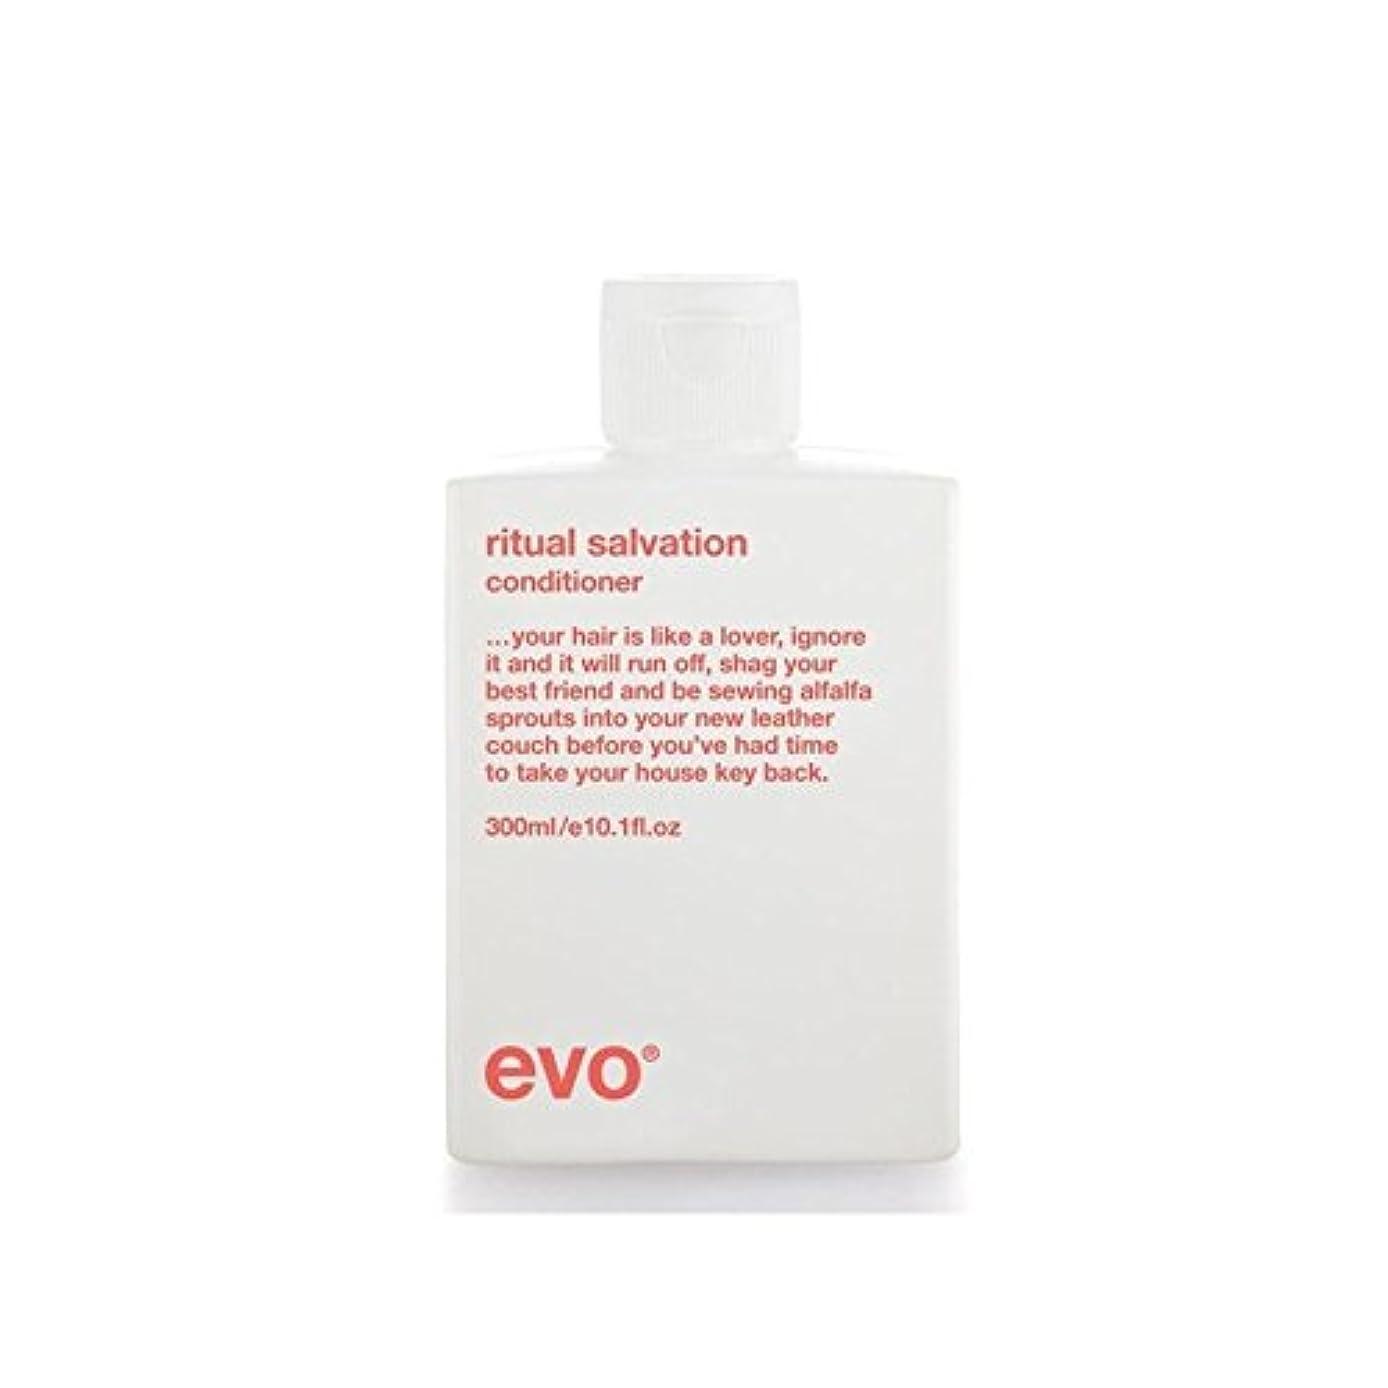 モトリー確執吹雪Evo Ritual Salvation Conditioner (300ml) (Pack of 6) - 儀式救いコンディショナー(300ミリリットル) x6 [並行輸入品]